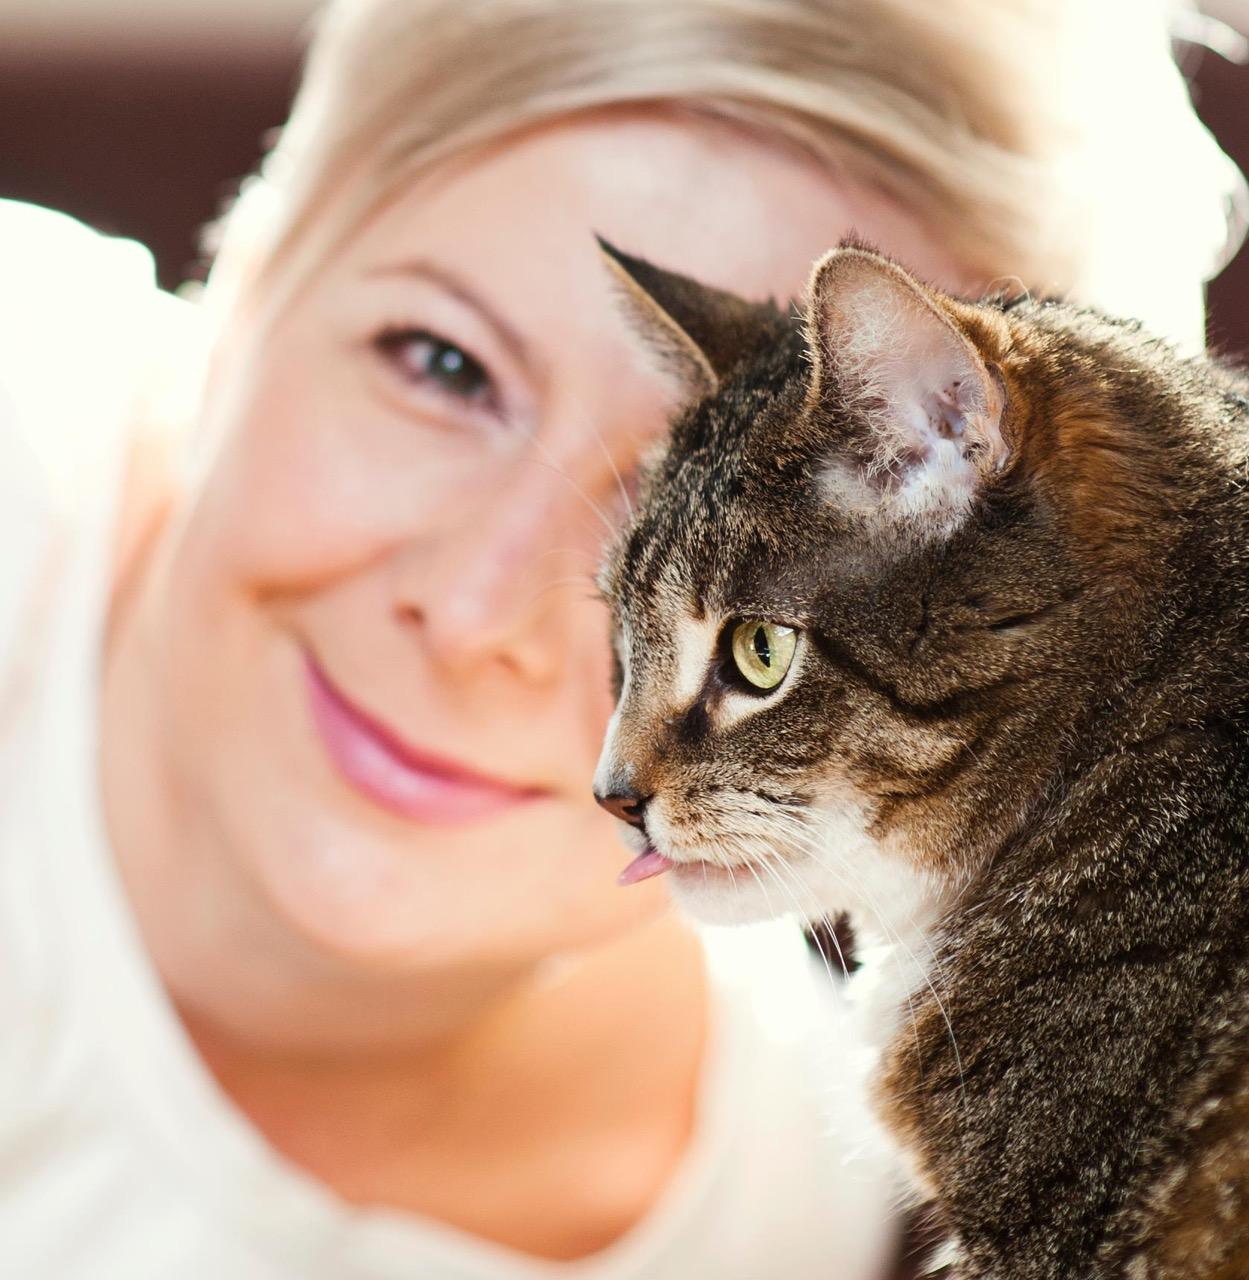 koty anna urbańska